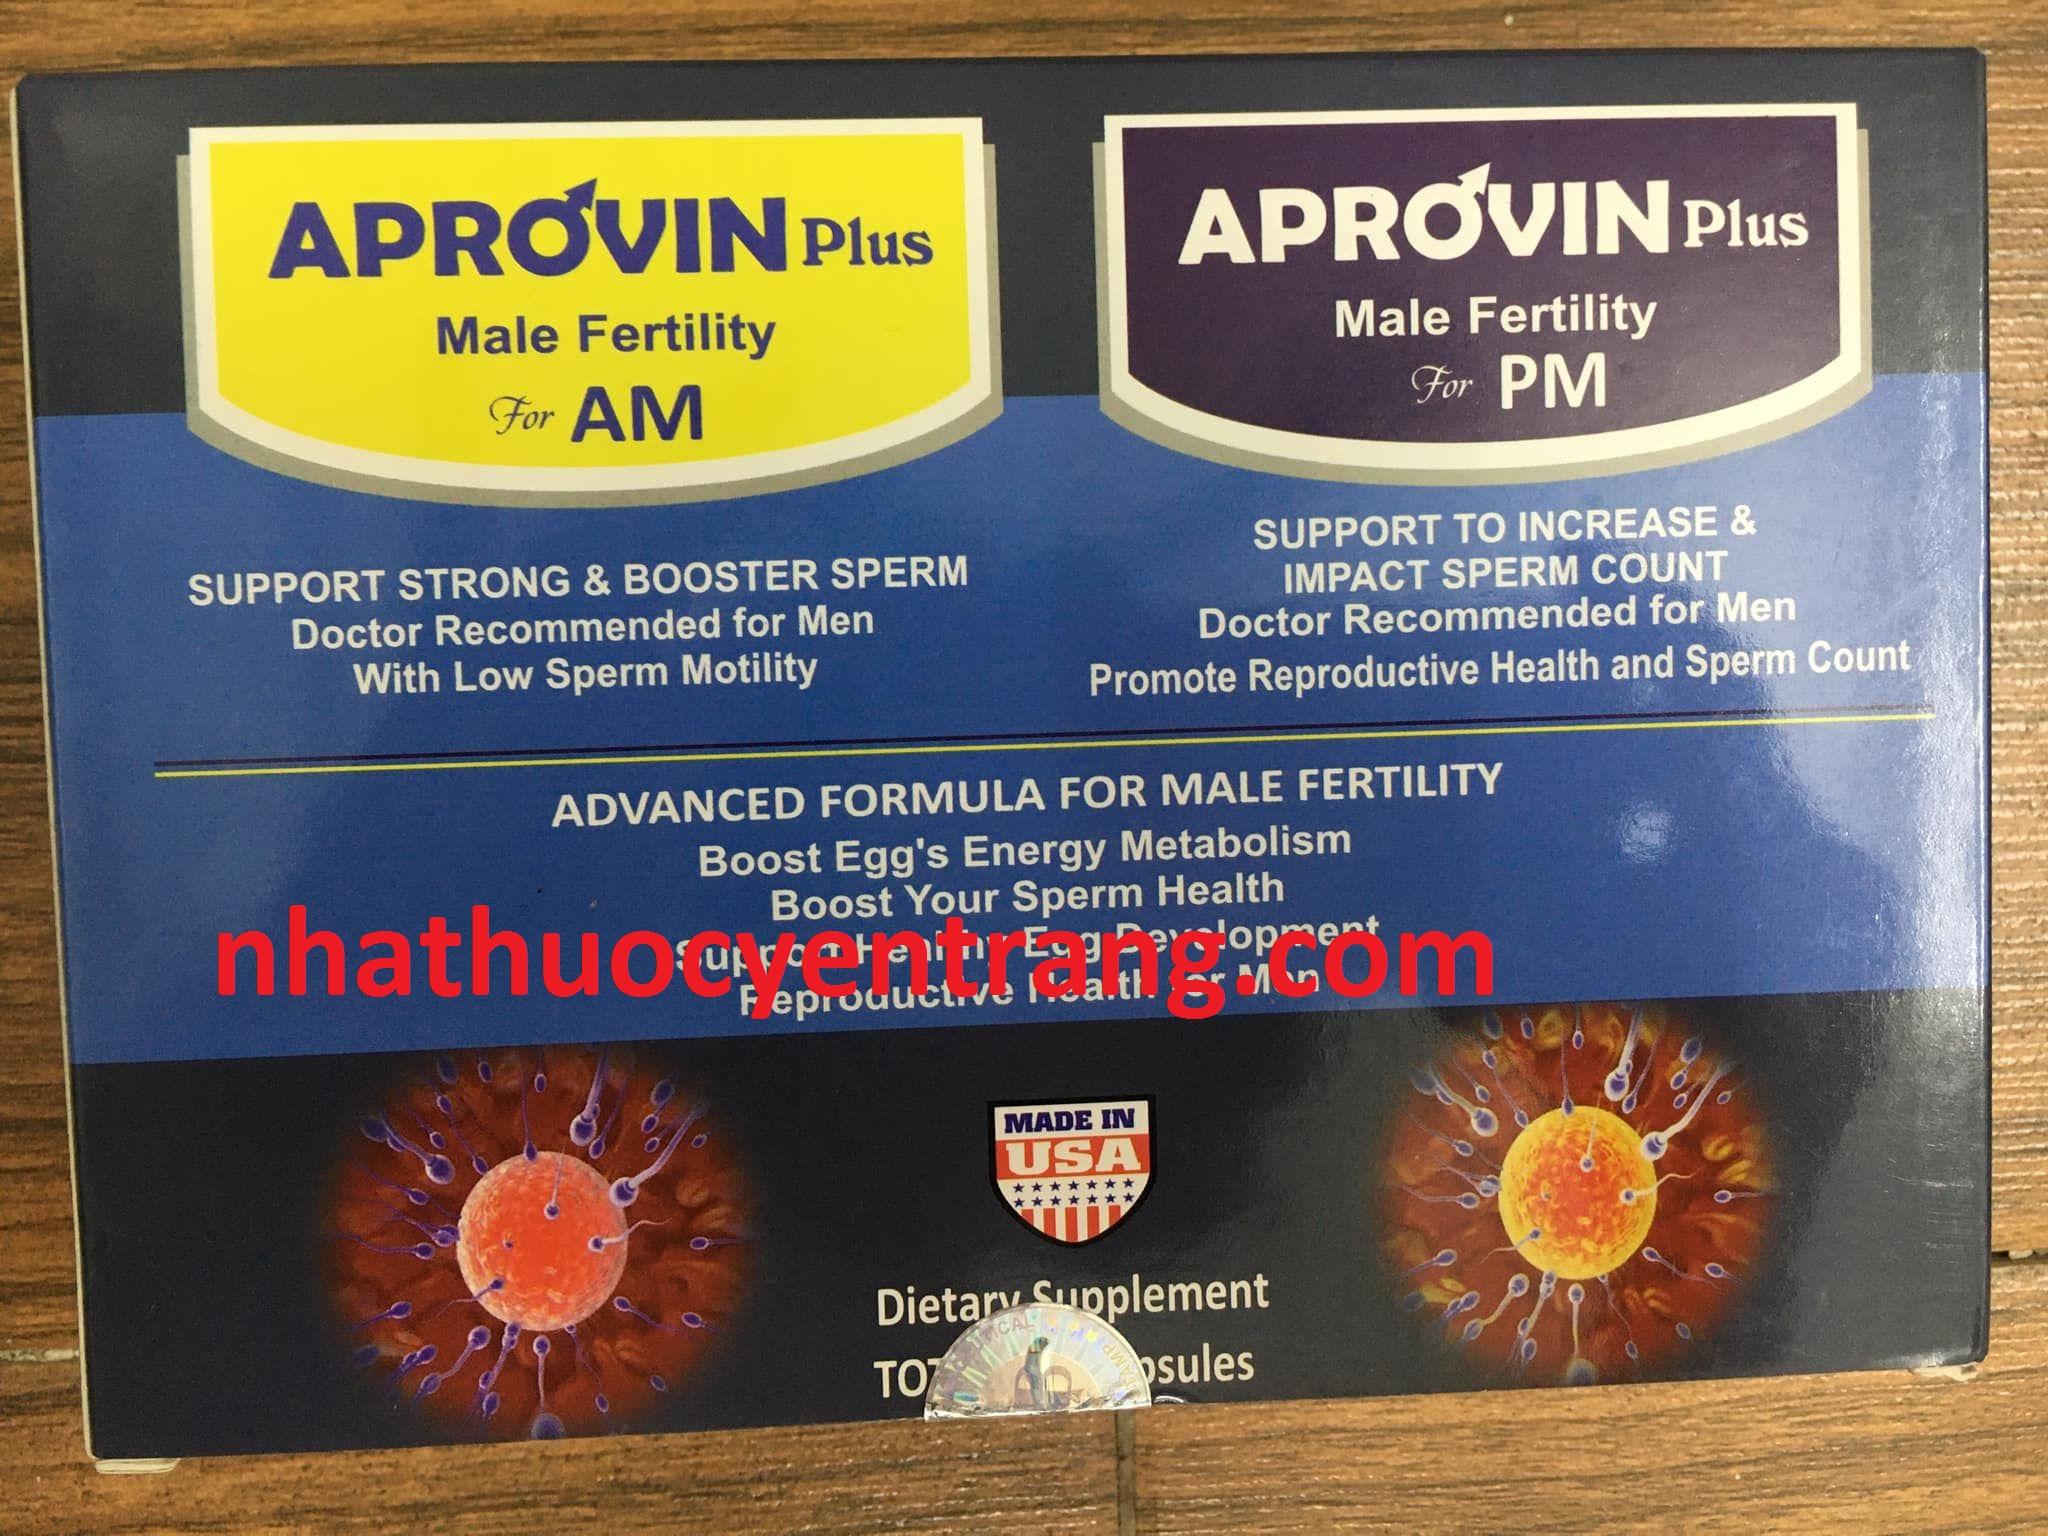 Aprovin Plus